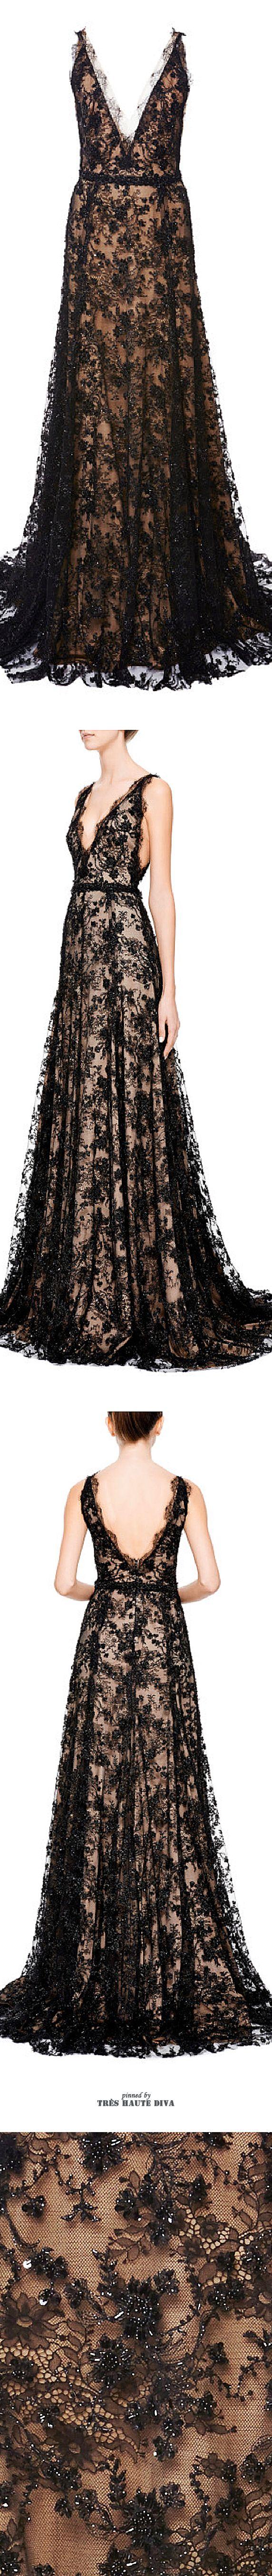 ♕ Marchesa ♕  Vestido largo de encaje con piedras negro sobre un forro color carne.  Tirantes finos y escote en v delantero y trasero. ♥♥